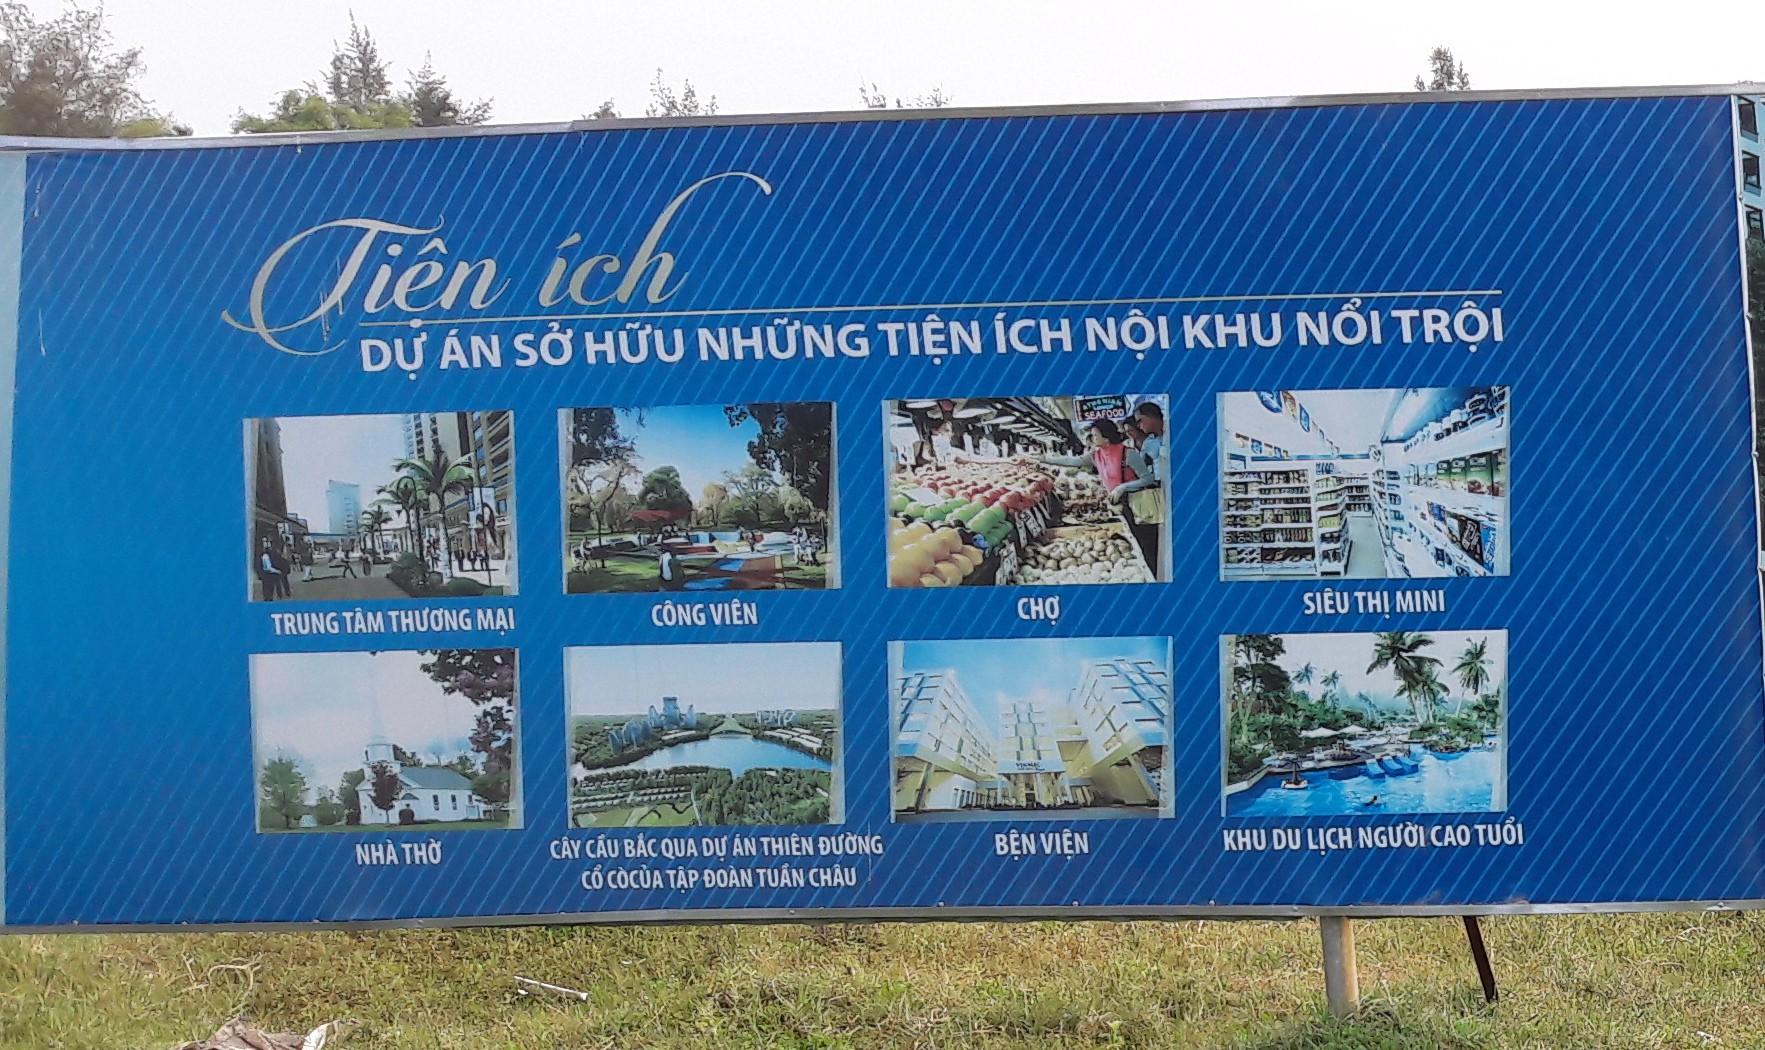 Cận cảnh khu đất của công ty Bách Đạt An ở Quảng Nam mà người dân rót tiền tỉ mua, lòng như lửa đốt đòi sổ đỏ - Ảnh 5.